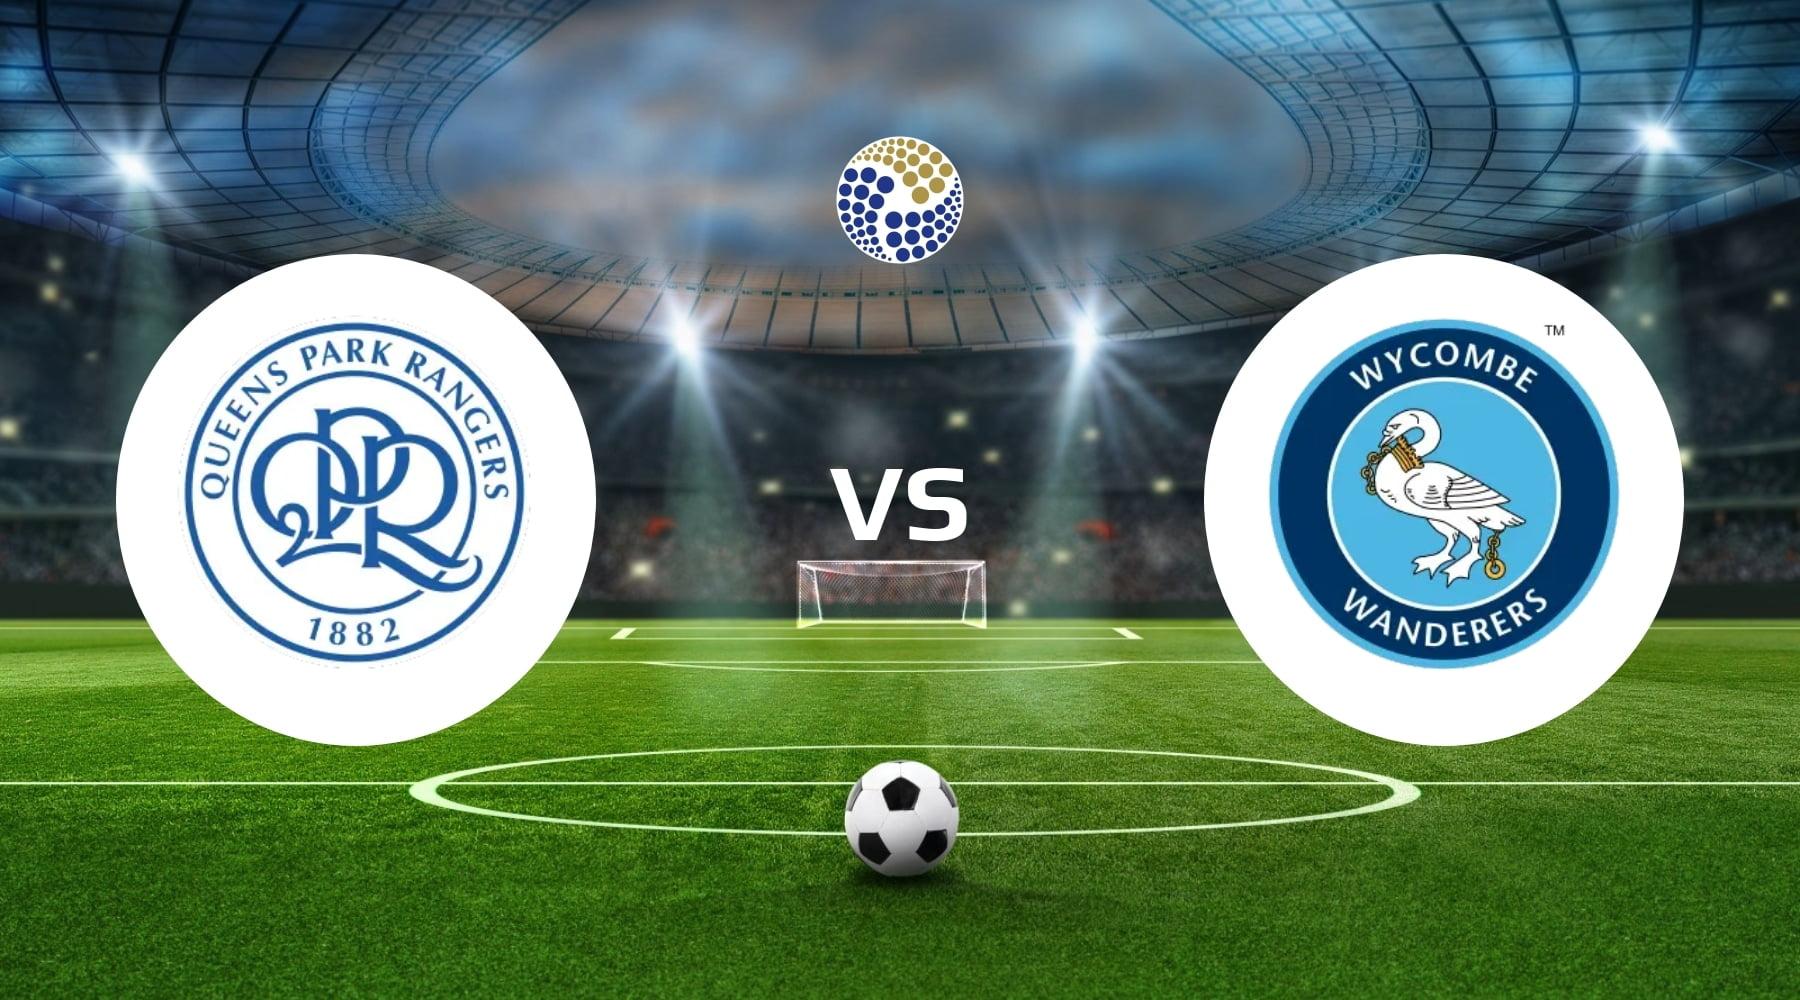 Queens Park Rangers vs Wycombe Wanderers